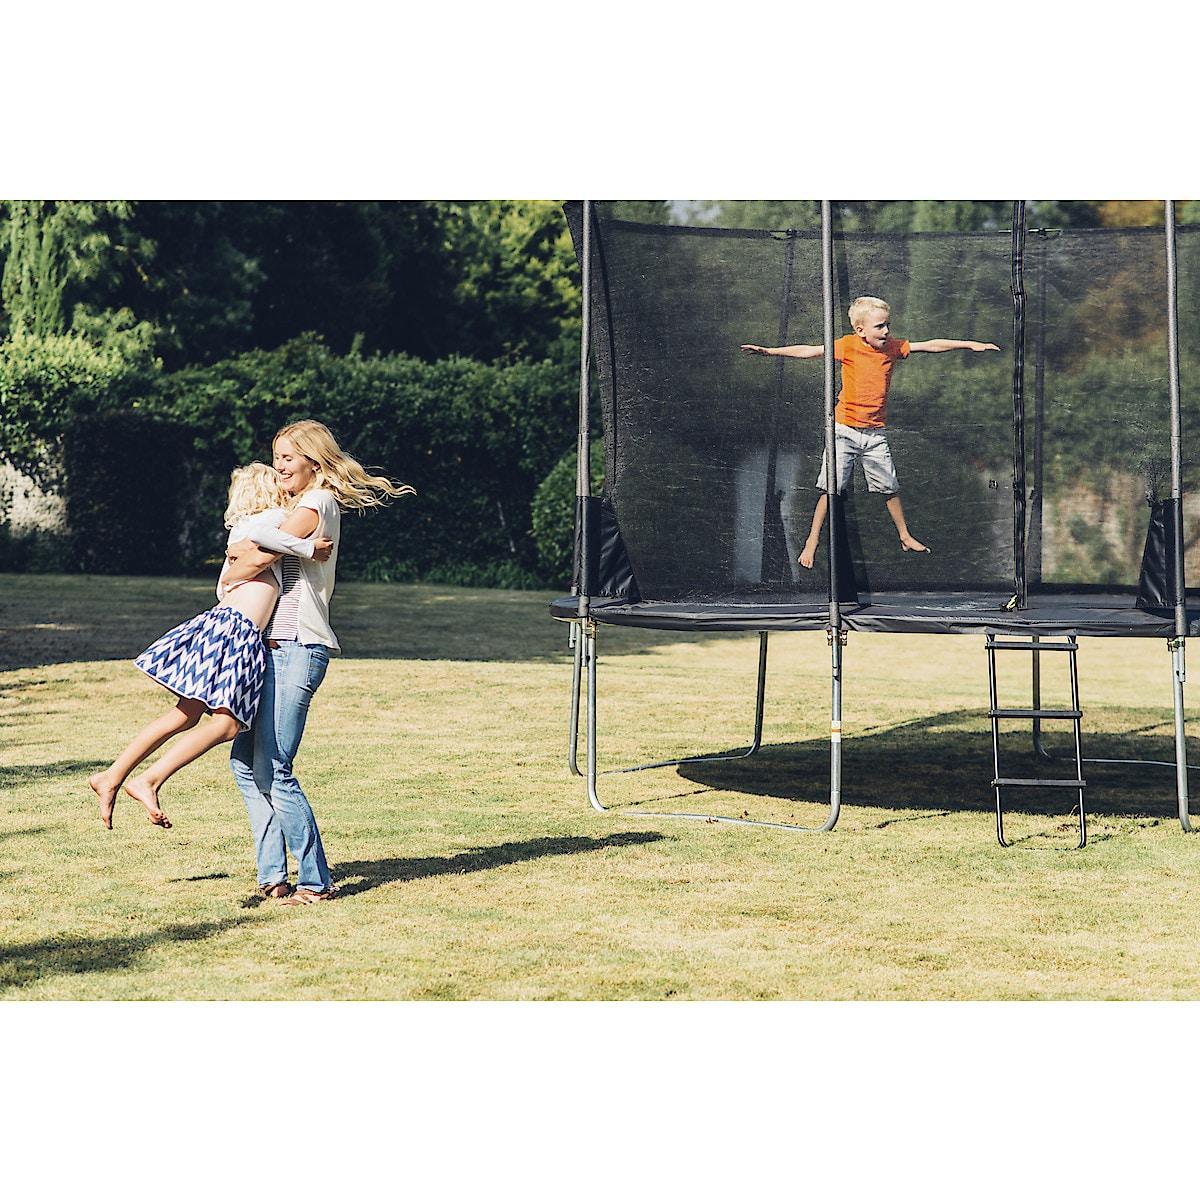 Plum Spacezone II 3,7 m trampoline